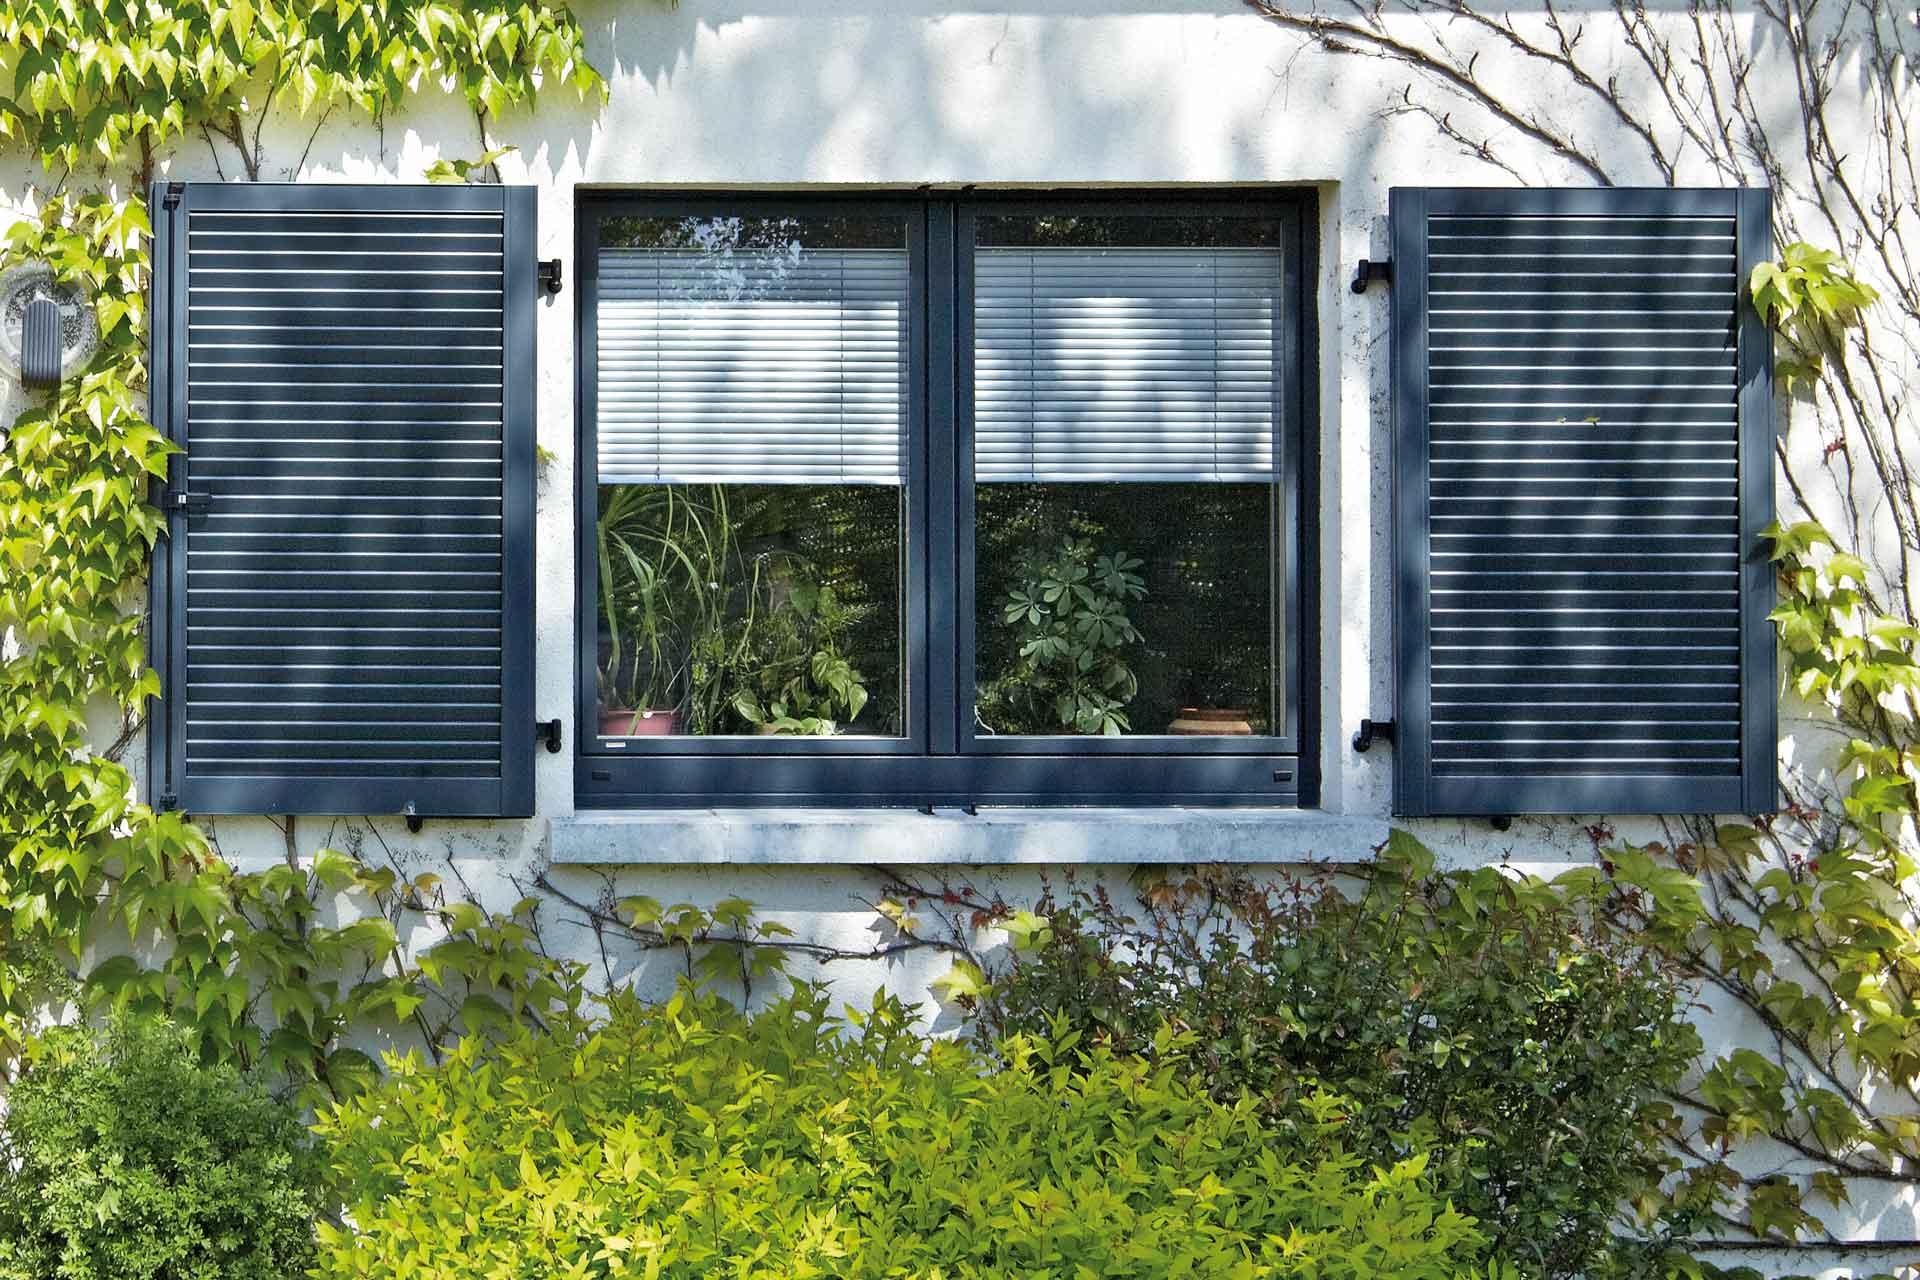 Nahaufnahme eines weißen Einfamilienhauses mit Blick auf ein graues modernes Holz- Alu Coplaning Fenster.